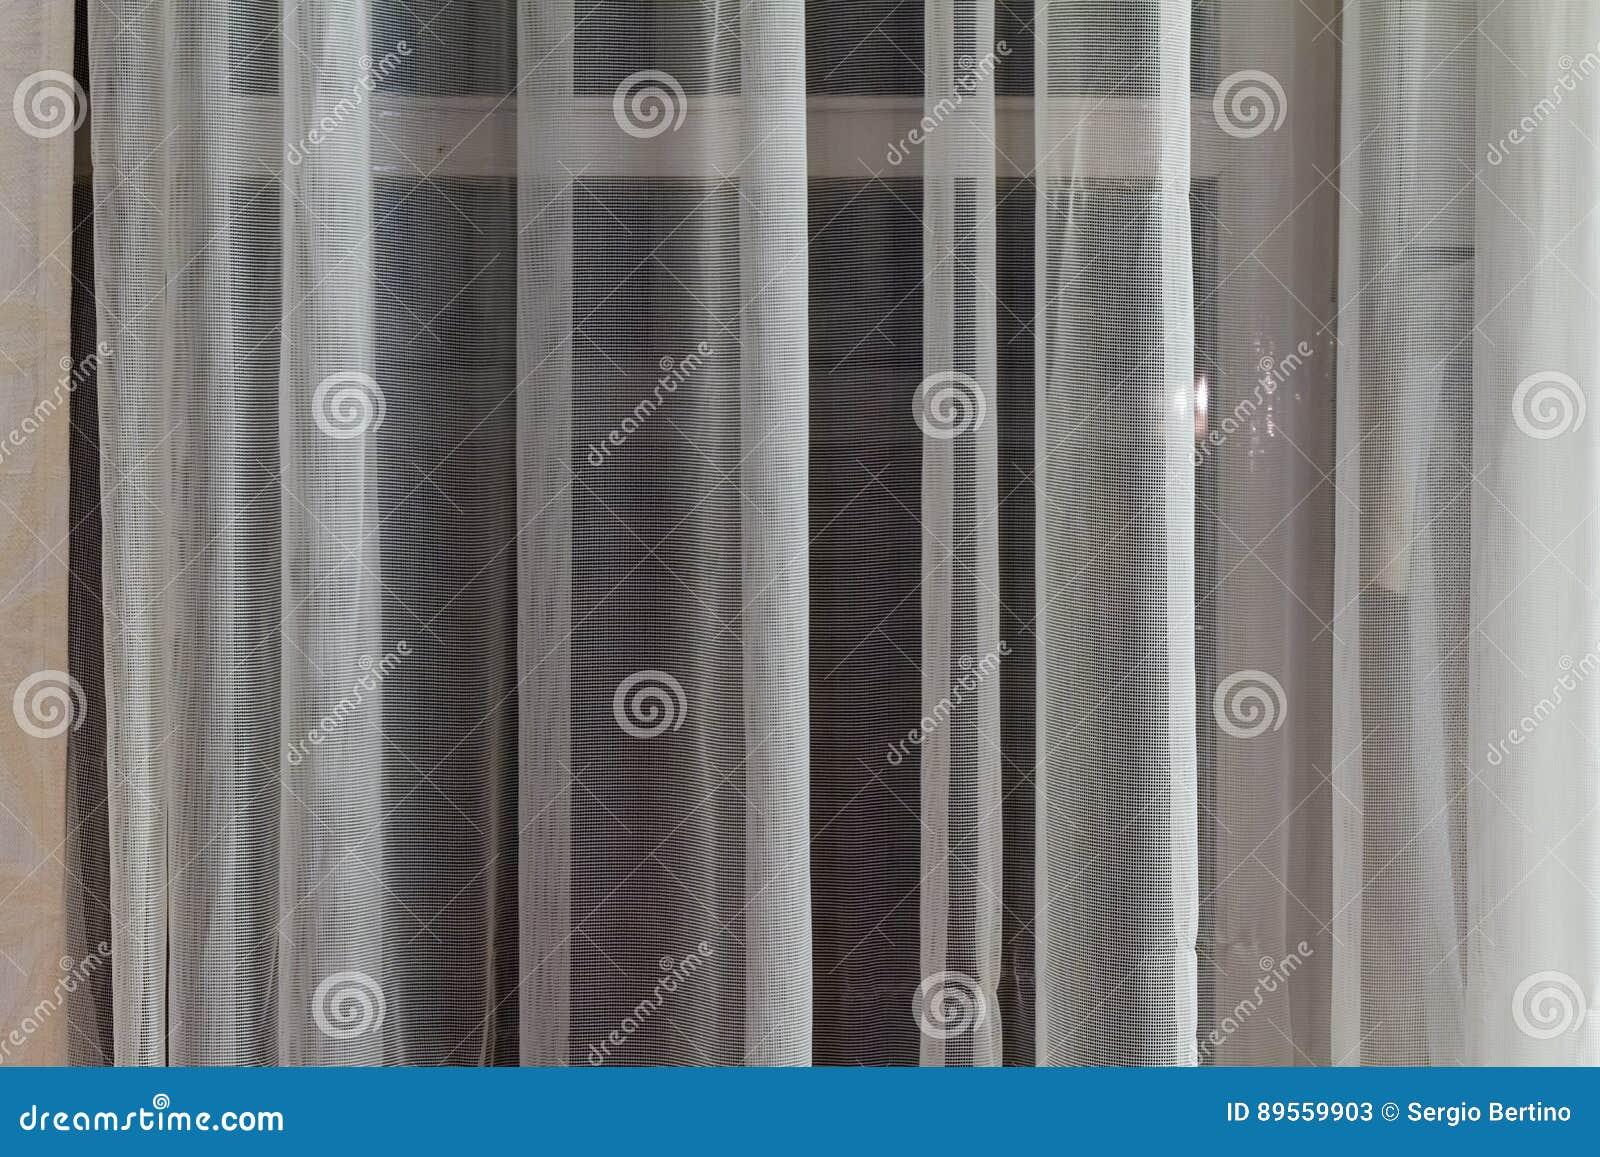 https://thumbs.dreamstime.com/z/dunne-doorzichtige-gordijnen-die-een-venster-hangen-89559903.jpg